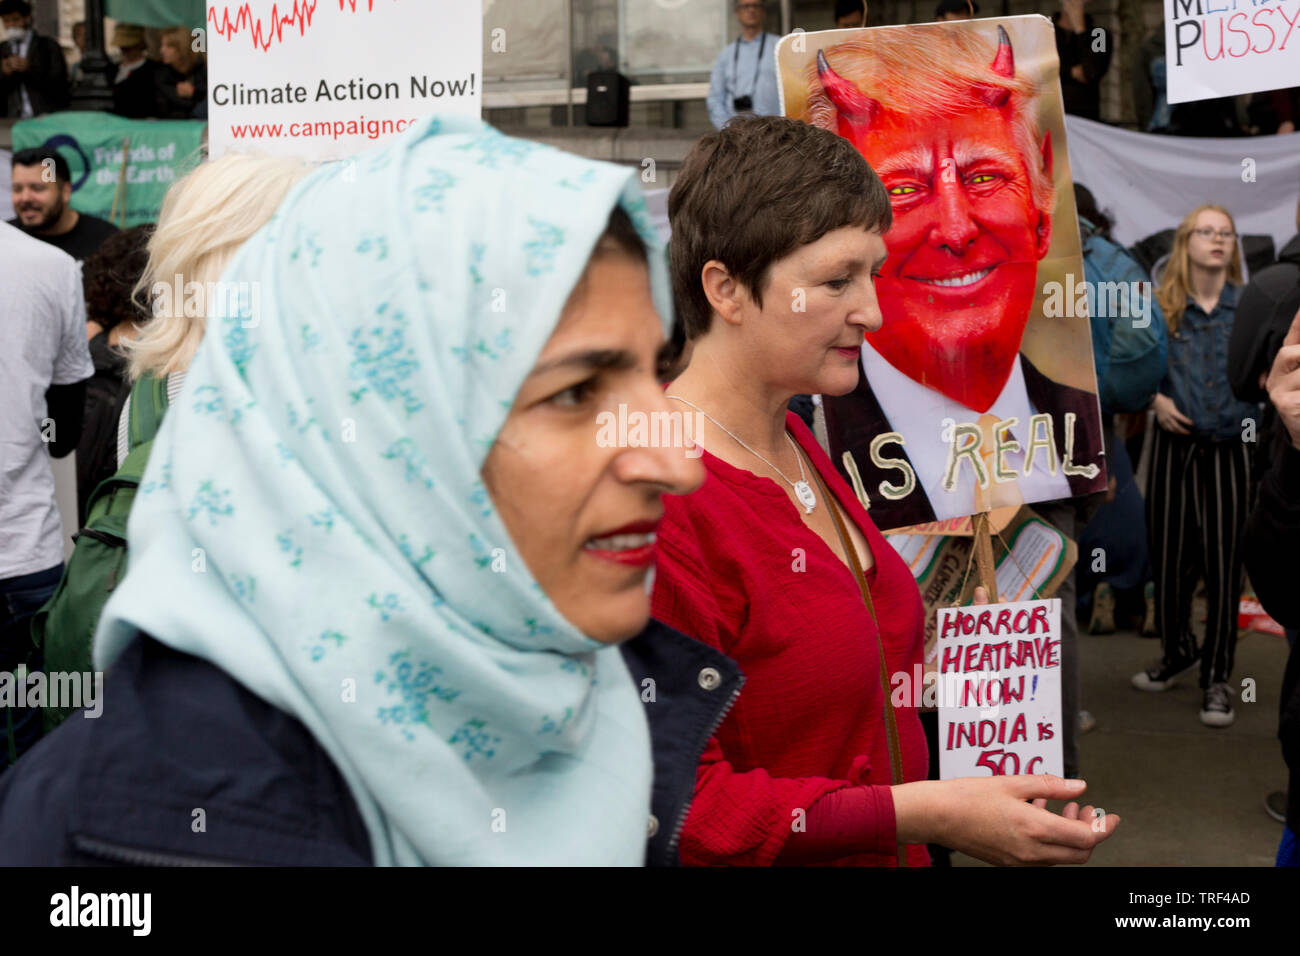 Le Président américain Donald Trump's deuxième jour d'une controverse visite d'état de trois jours au Royaume-Uni, à la voix des manifestants leur opposition au 45e président américain, à Trafalgar Square, le 4 juin 2019, à Londres en Angleterre. Banque D'Images